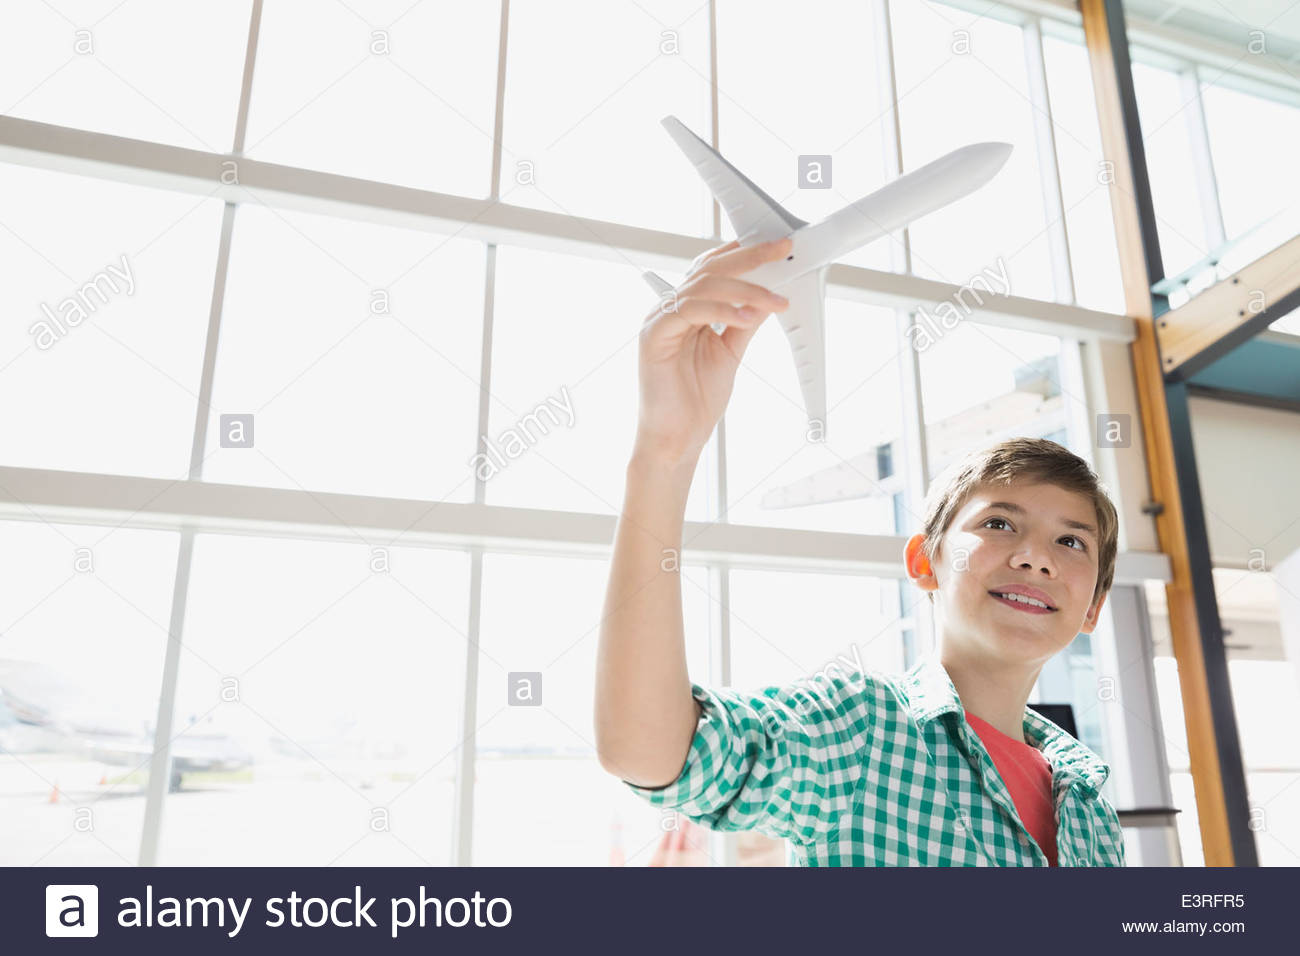 Ragazzo giocando con aeroplano giocattolo in aeroporto Immagini Stock